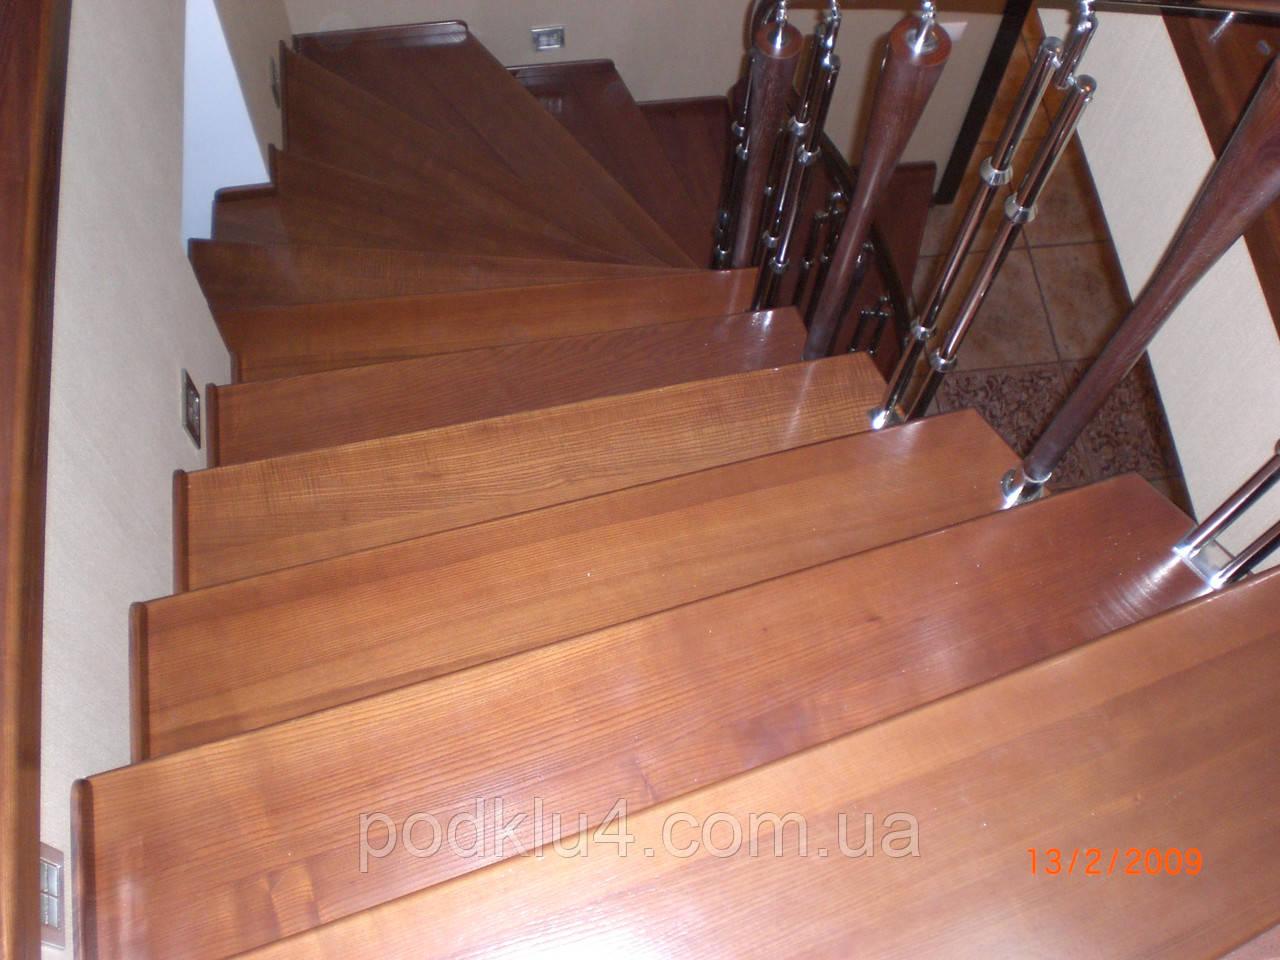 Каркасы лестниц сложной конструкции с последующей облицовкой